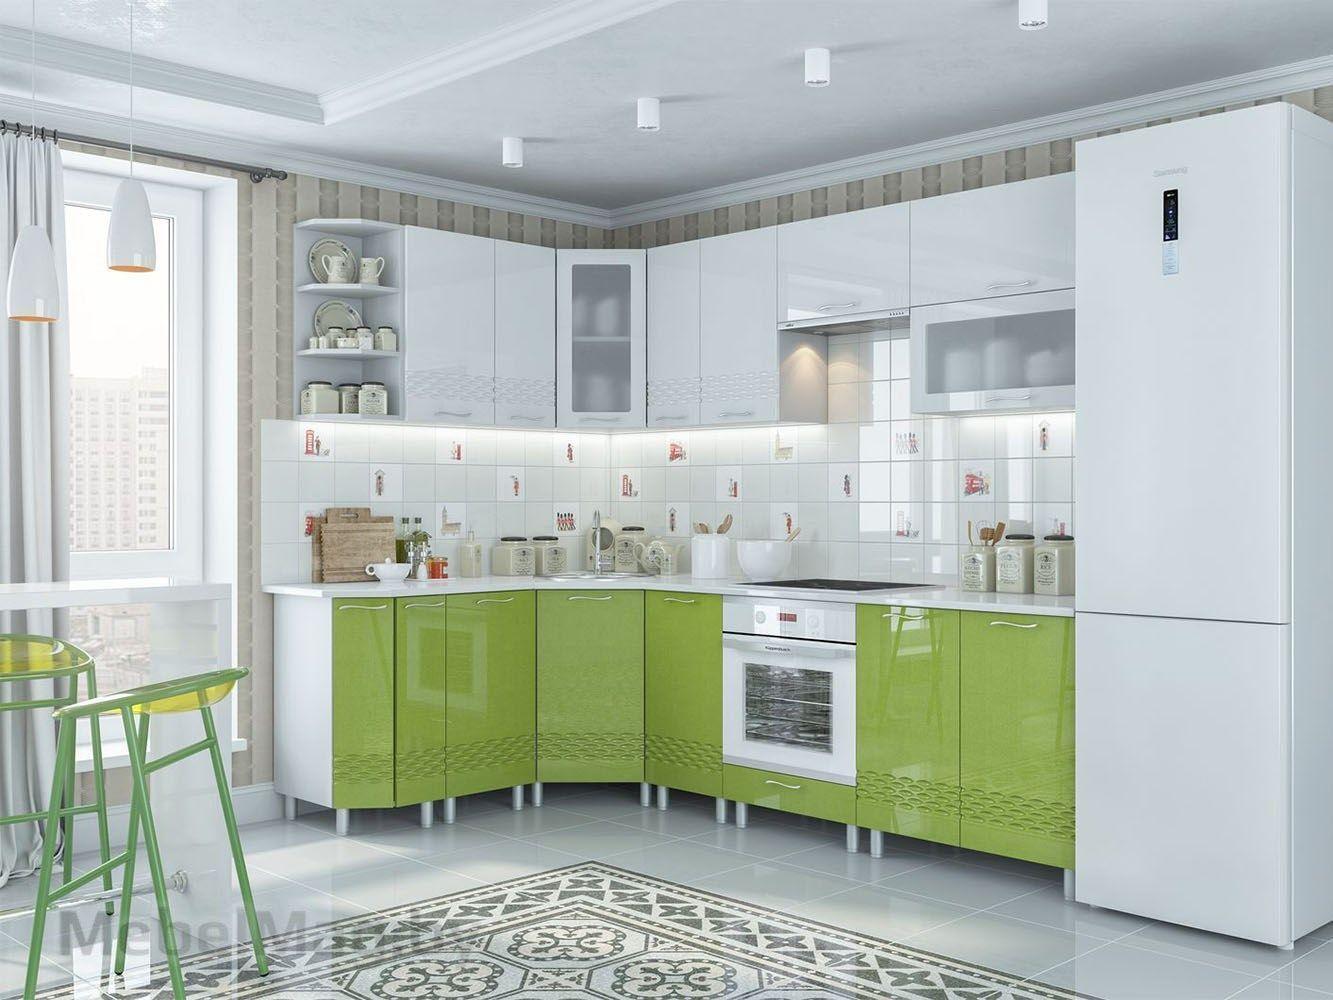 Кухня Волна - Олива металлик